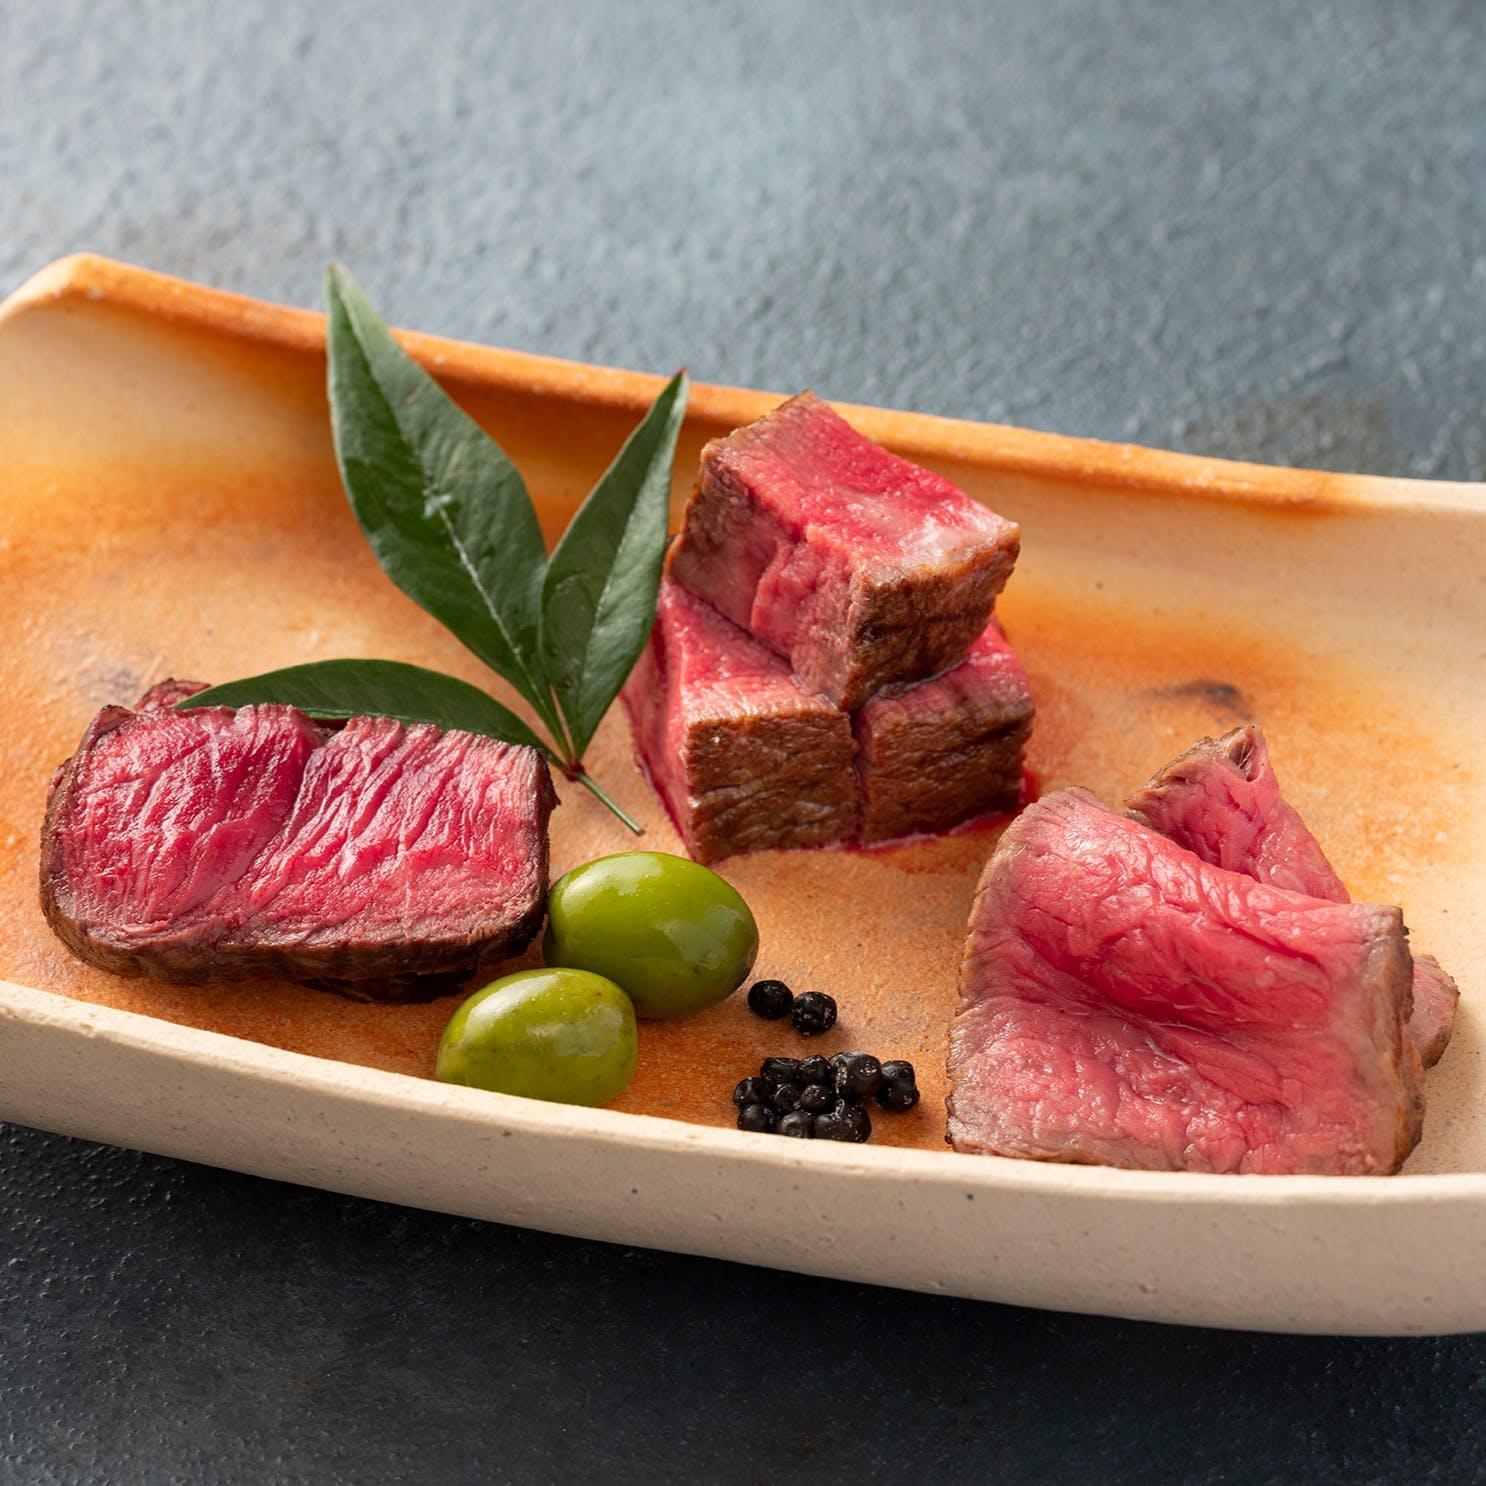 美味しさの極みへと昇華させた料理の数々を、風情ある名器とともに